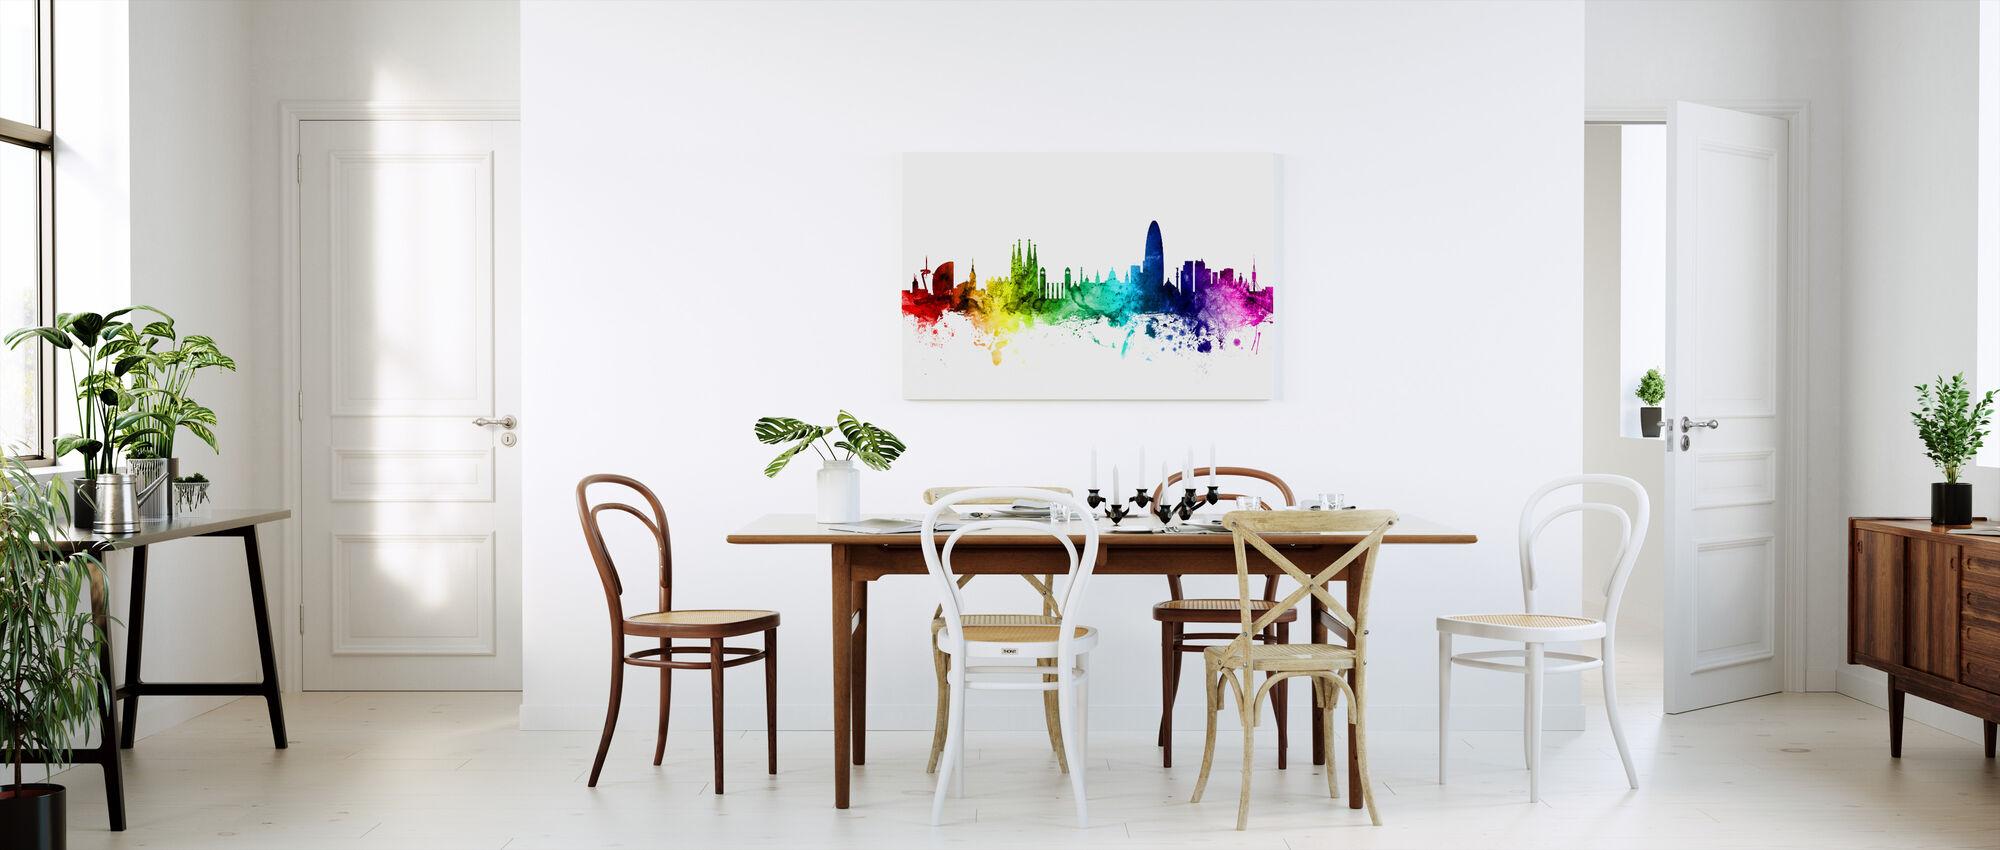 Barcelona Skyline regnbue - Billede på lærred - Køkken